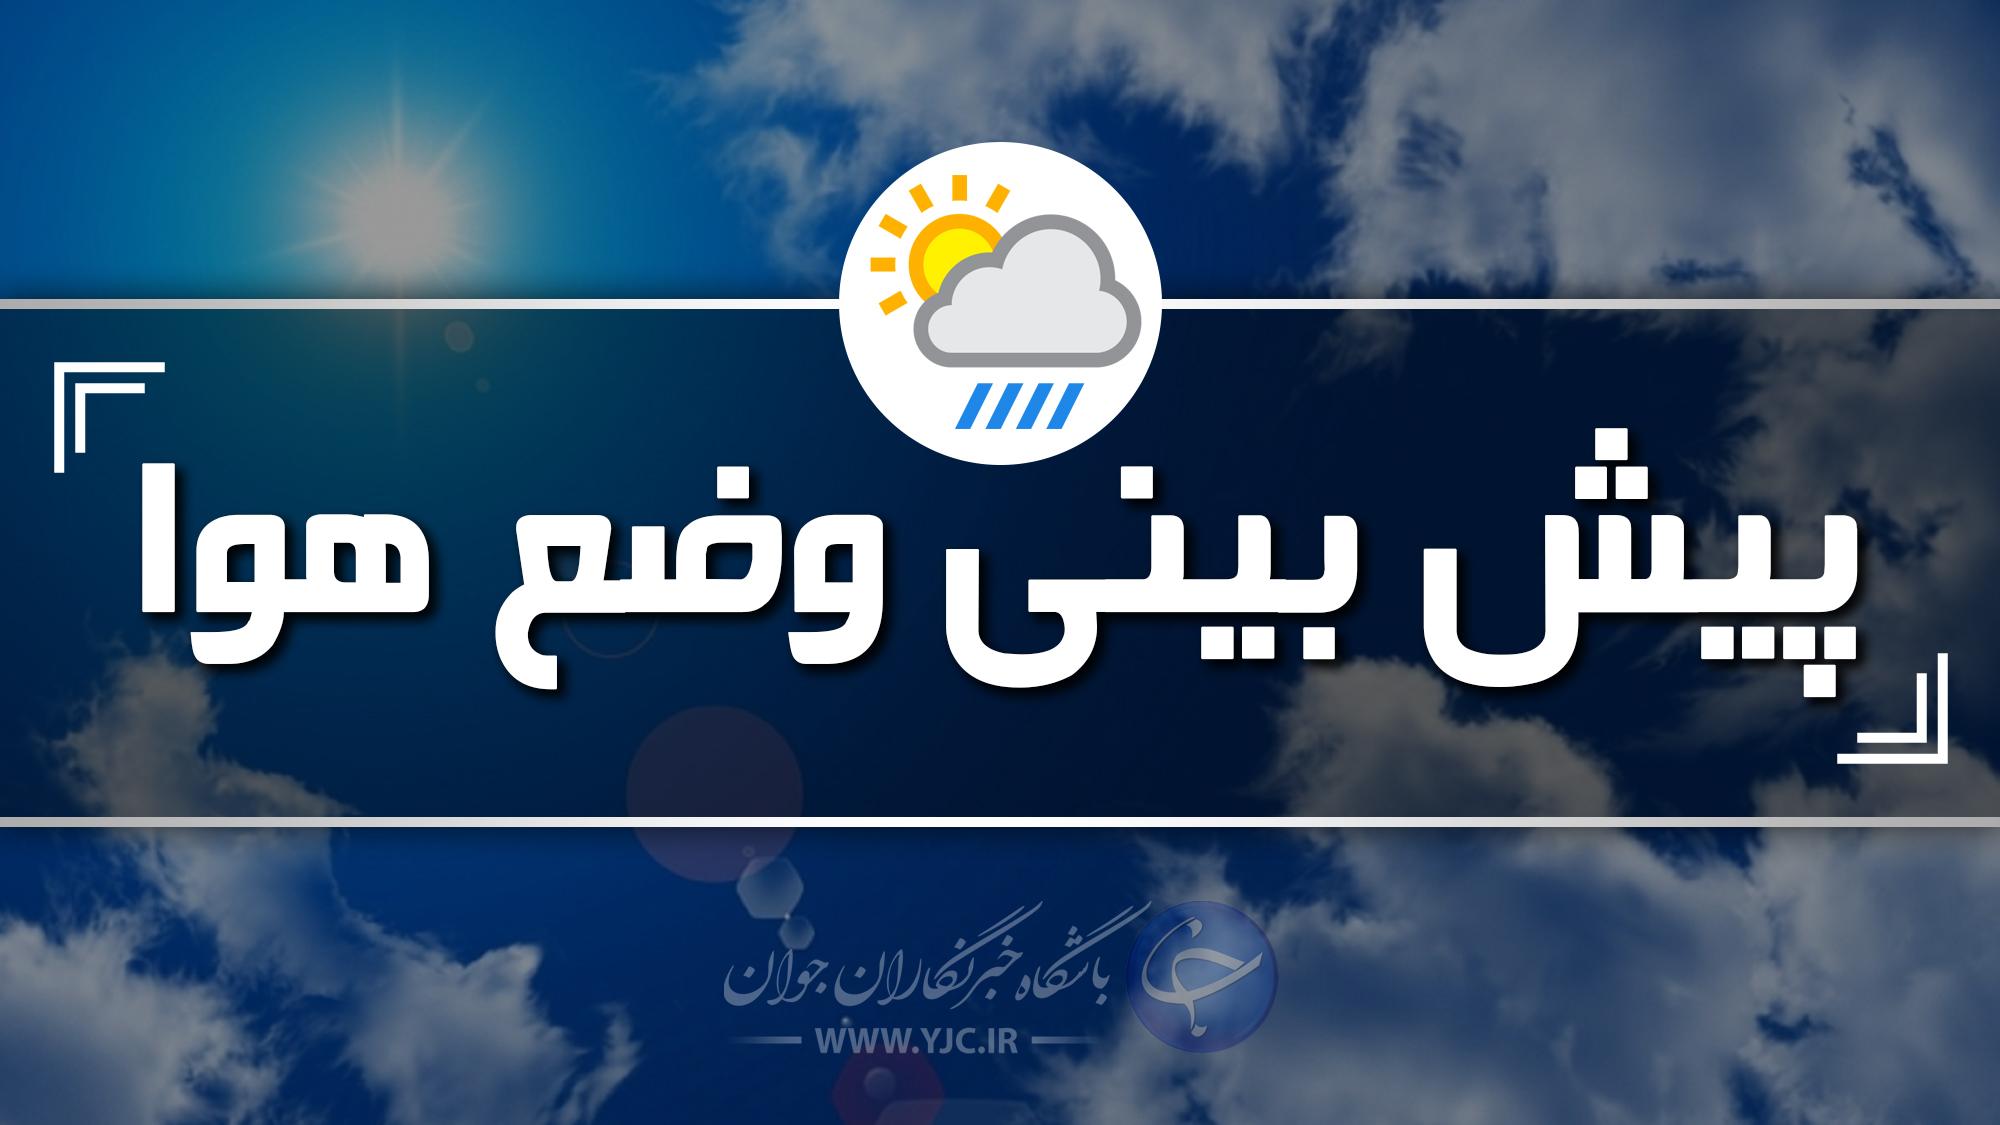 ادامه رگبار و رعد و برق در کردستان/دمای هوای استان کاهش می یابد